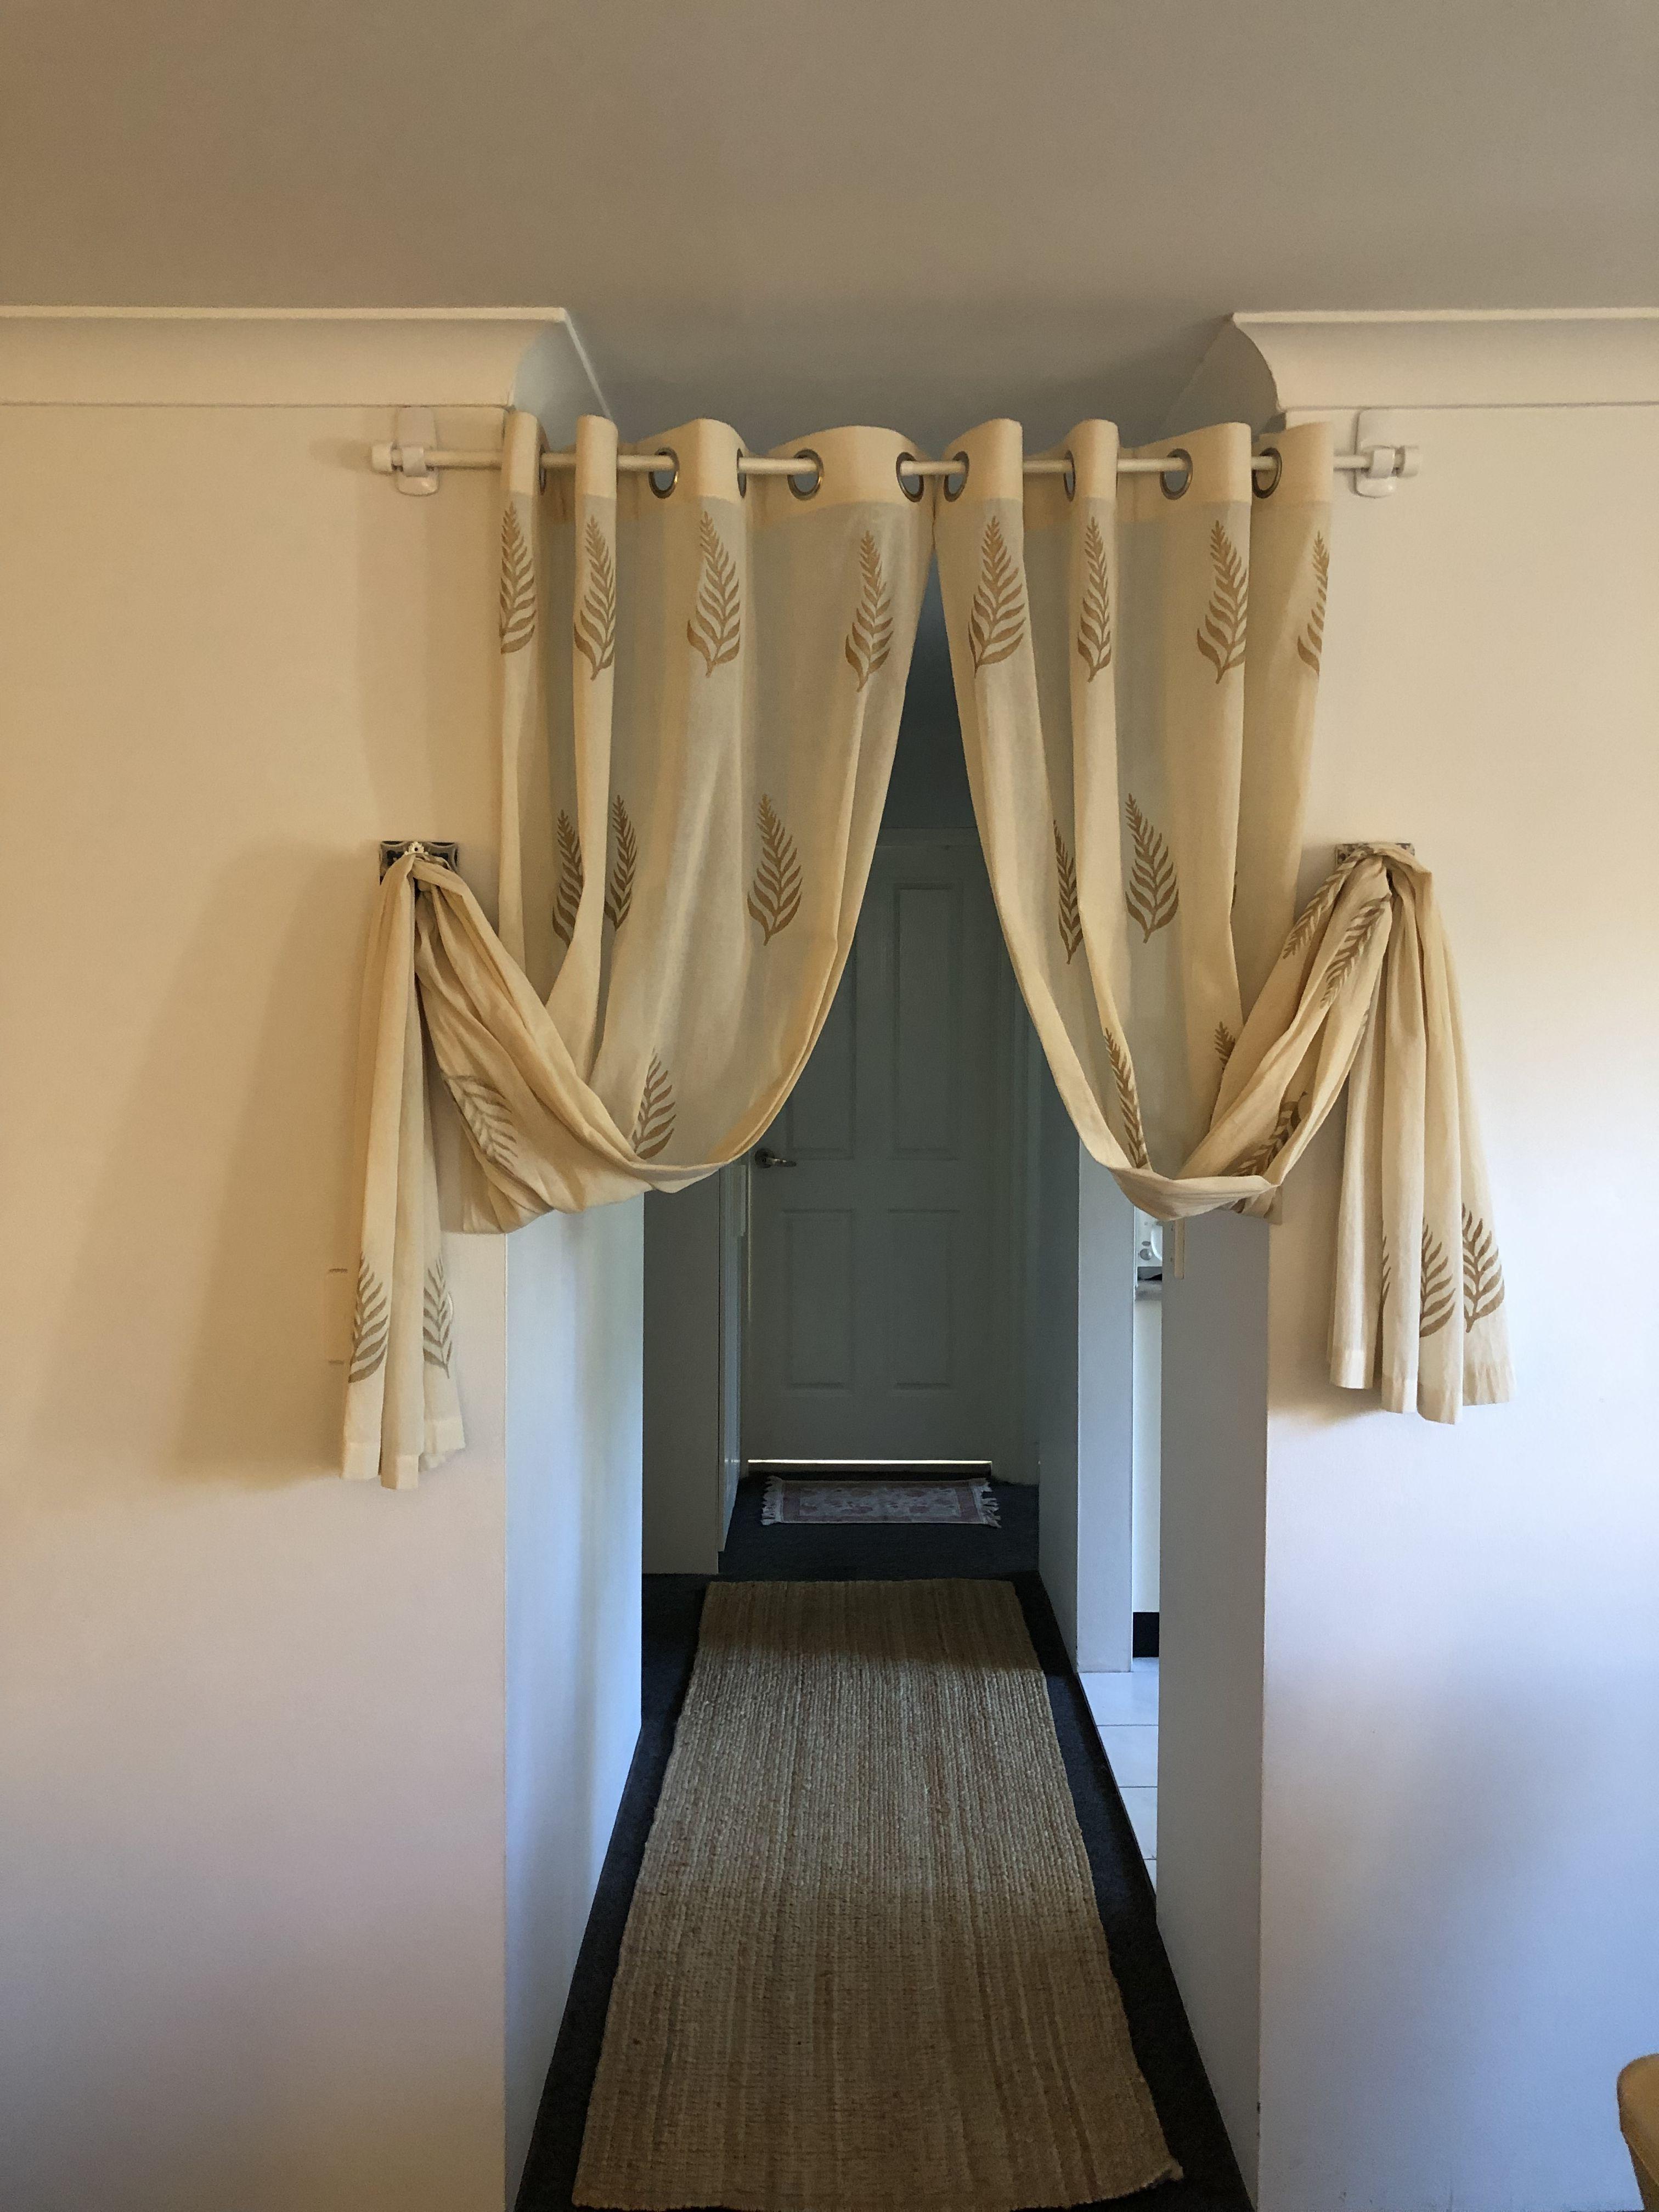 ikea curtain rods